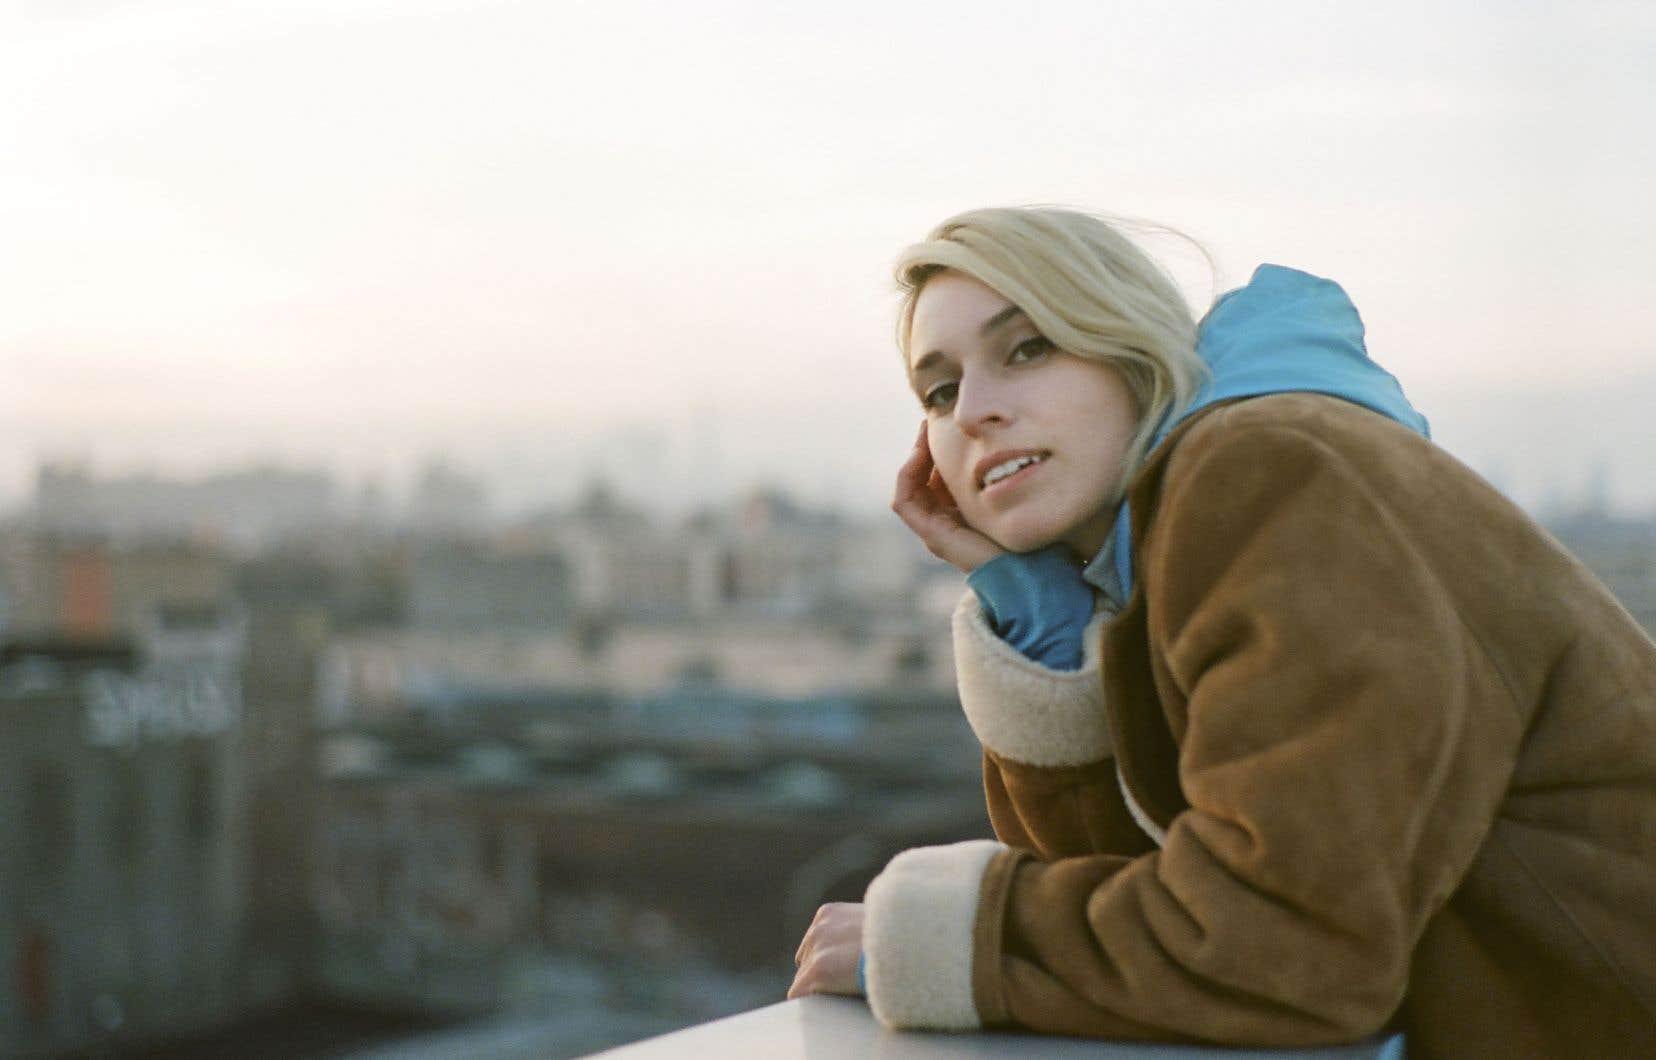 Le jour de l'entretien avec «Le Devoir» depuis New York, Josie Boivin, alias Munya, découvrait qu'elle fait partie de la liste des 100 artistes à surveiller au South by South West, selon NationalPublic Radio.